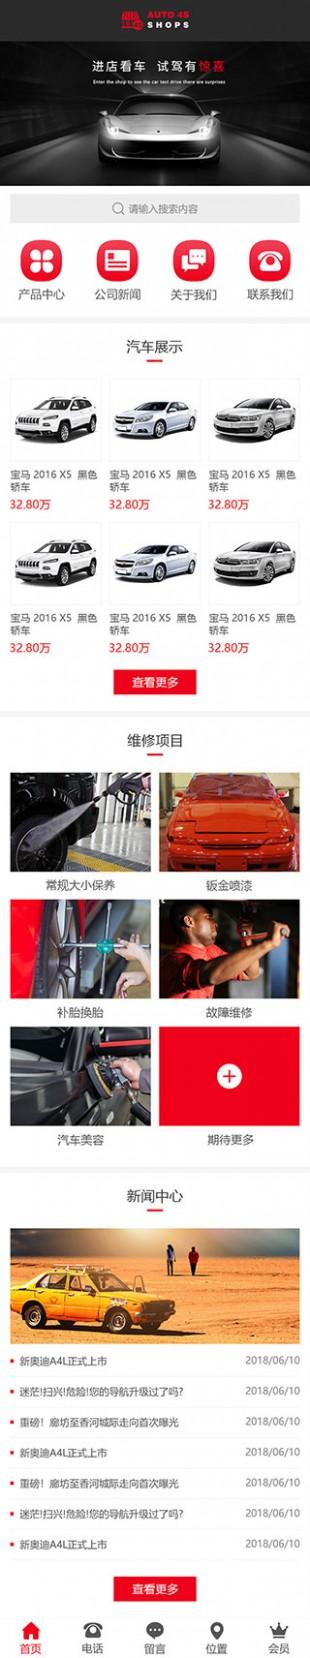 汽车4S店网站建设模板手机图片